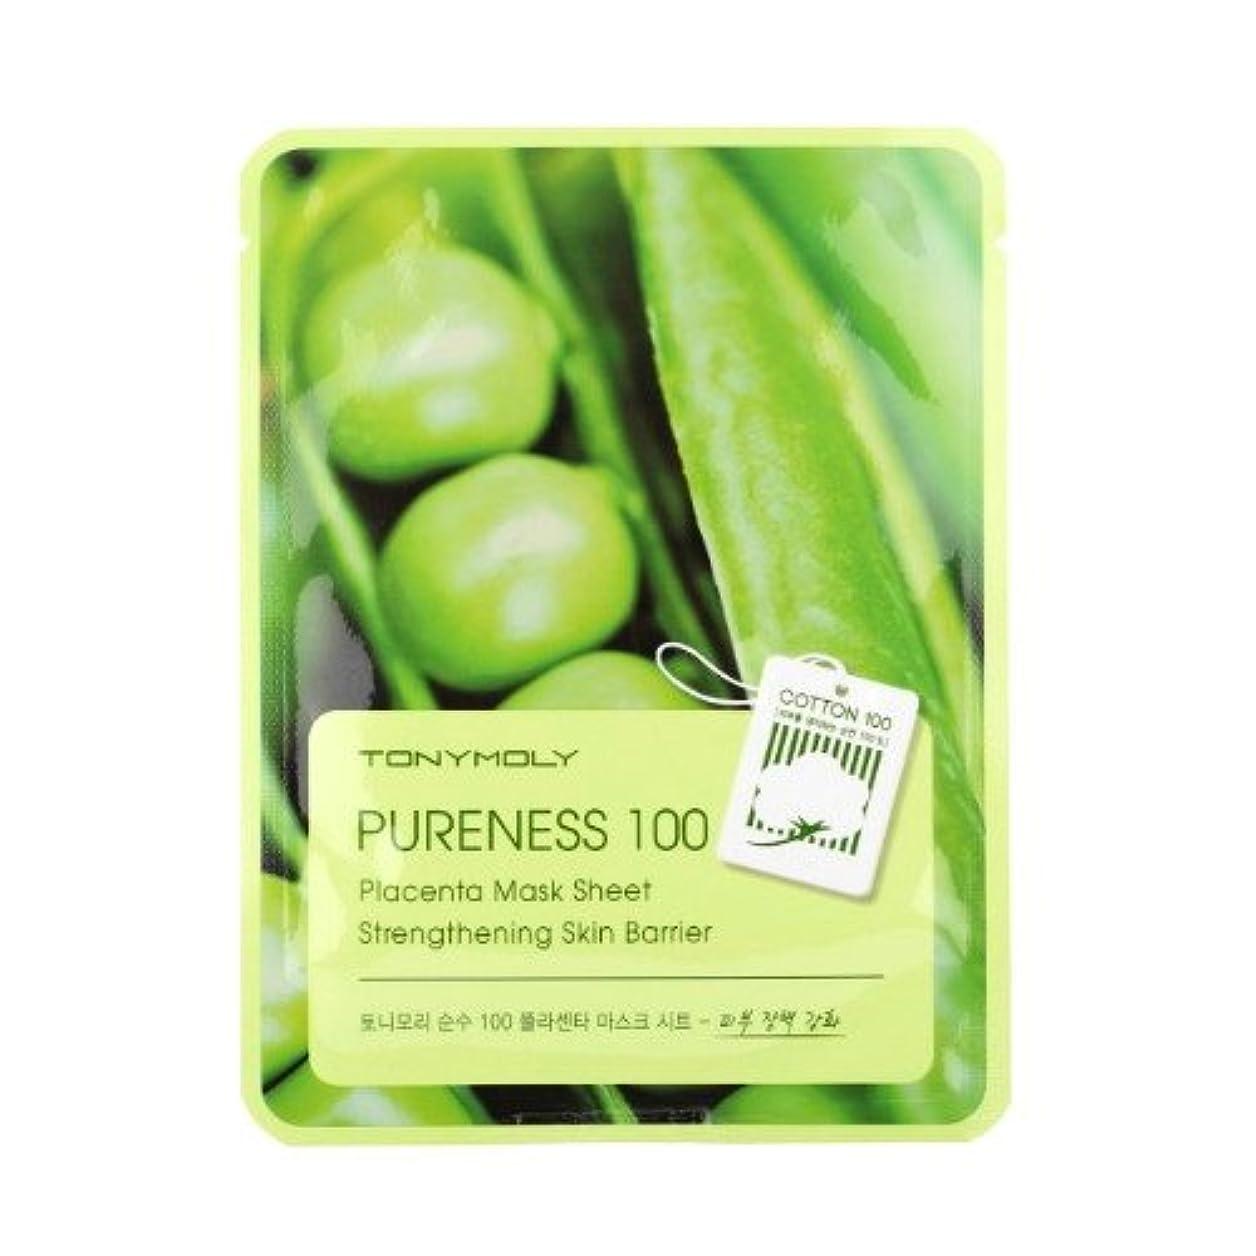 一掃する抜粋海洋(3 Pack) TONYMOLY Pureness 100 Placenta Mask Sheet Strengthening Skin Barrier (並行輸入品)